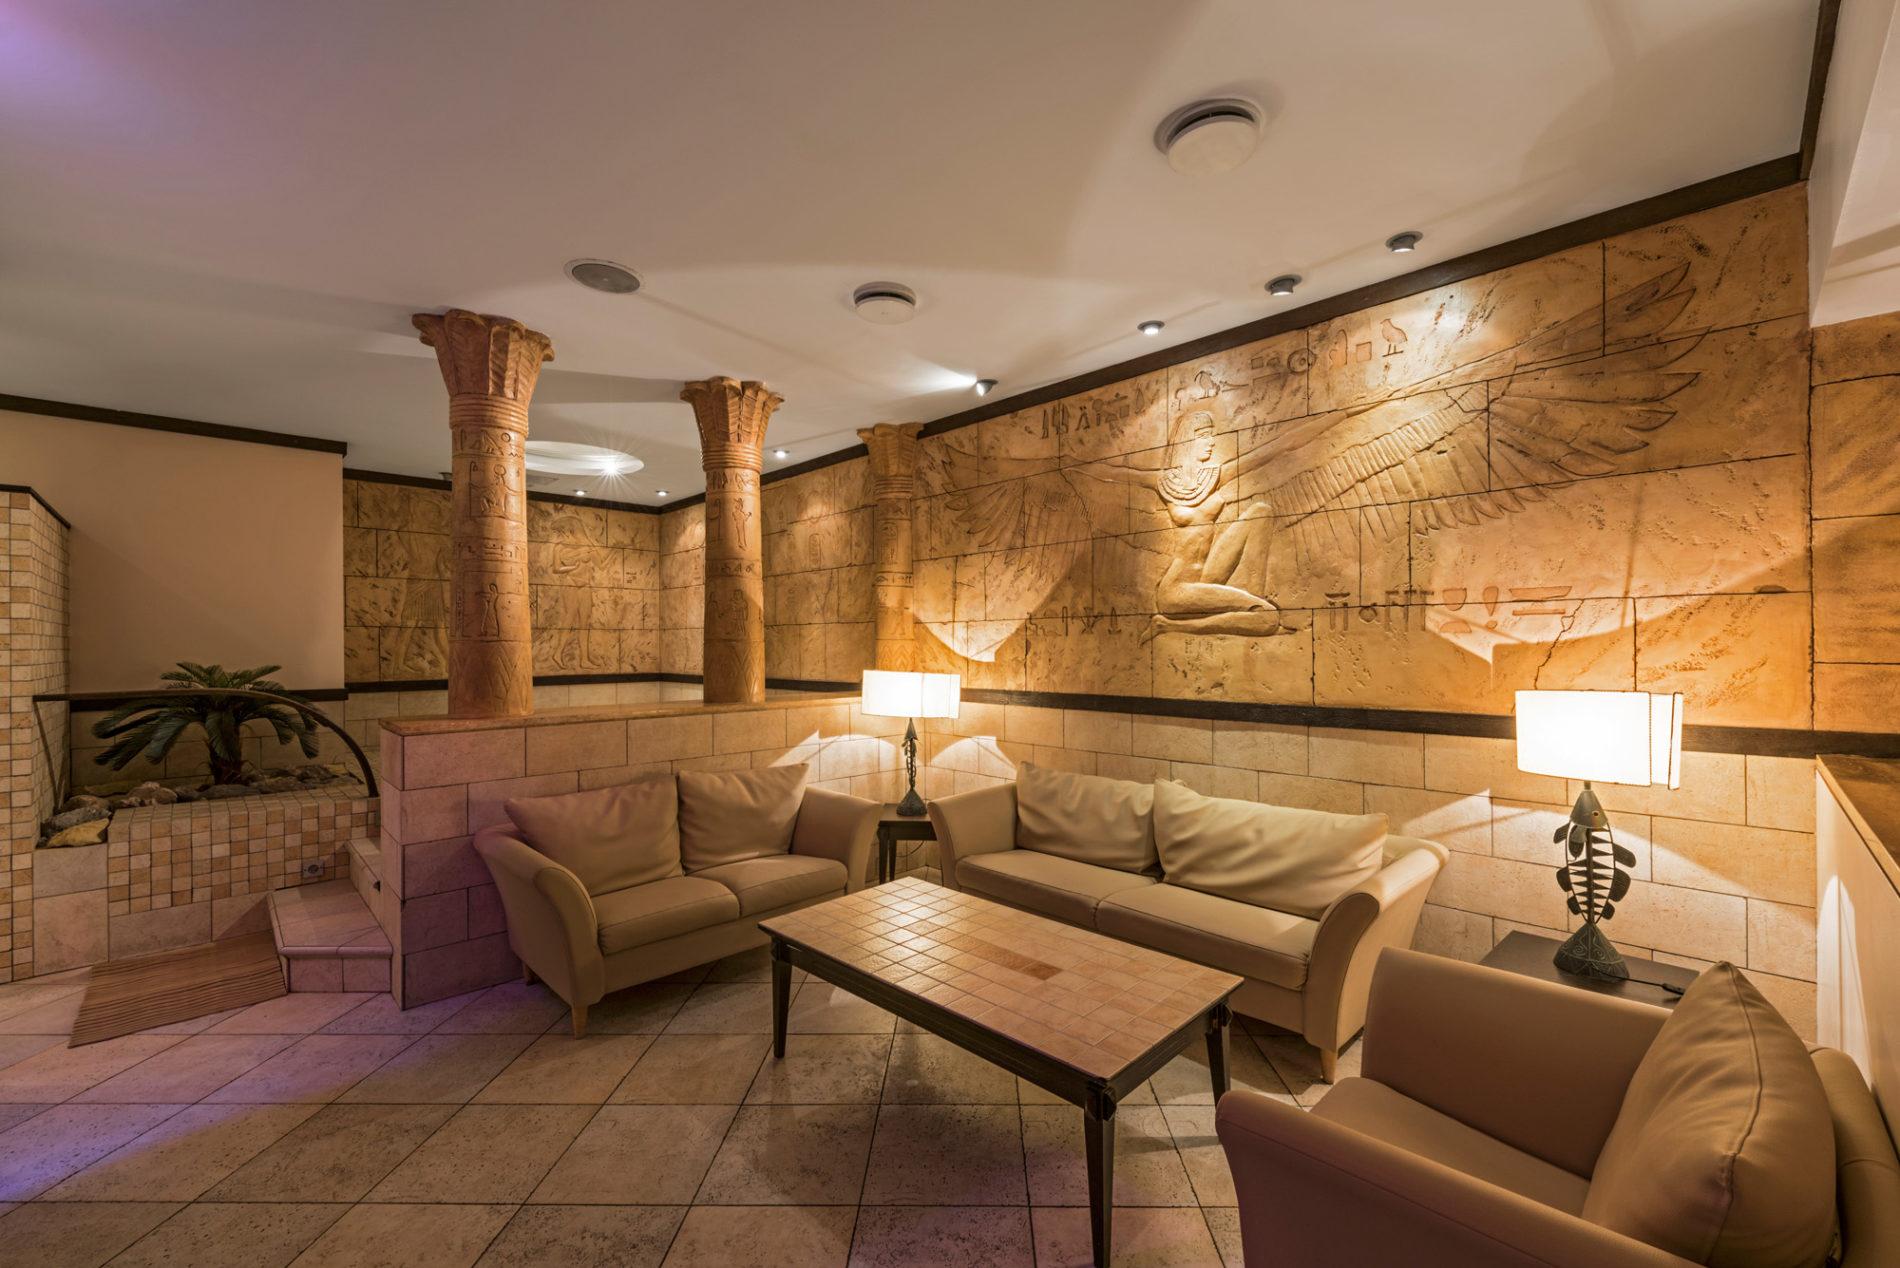 The Egyptian Bath | Forumpalace